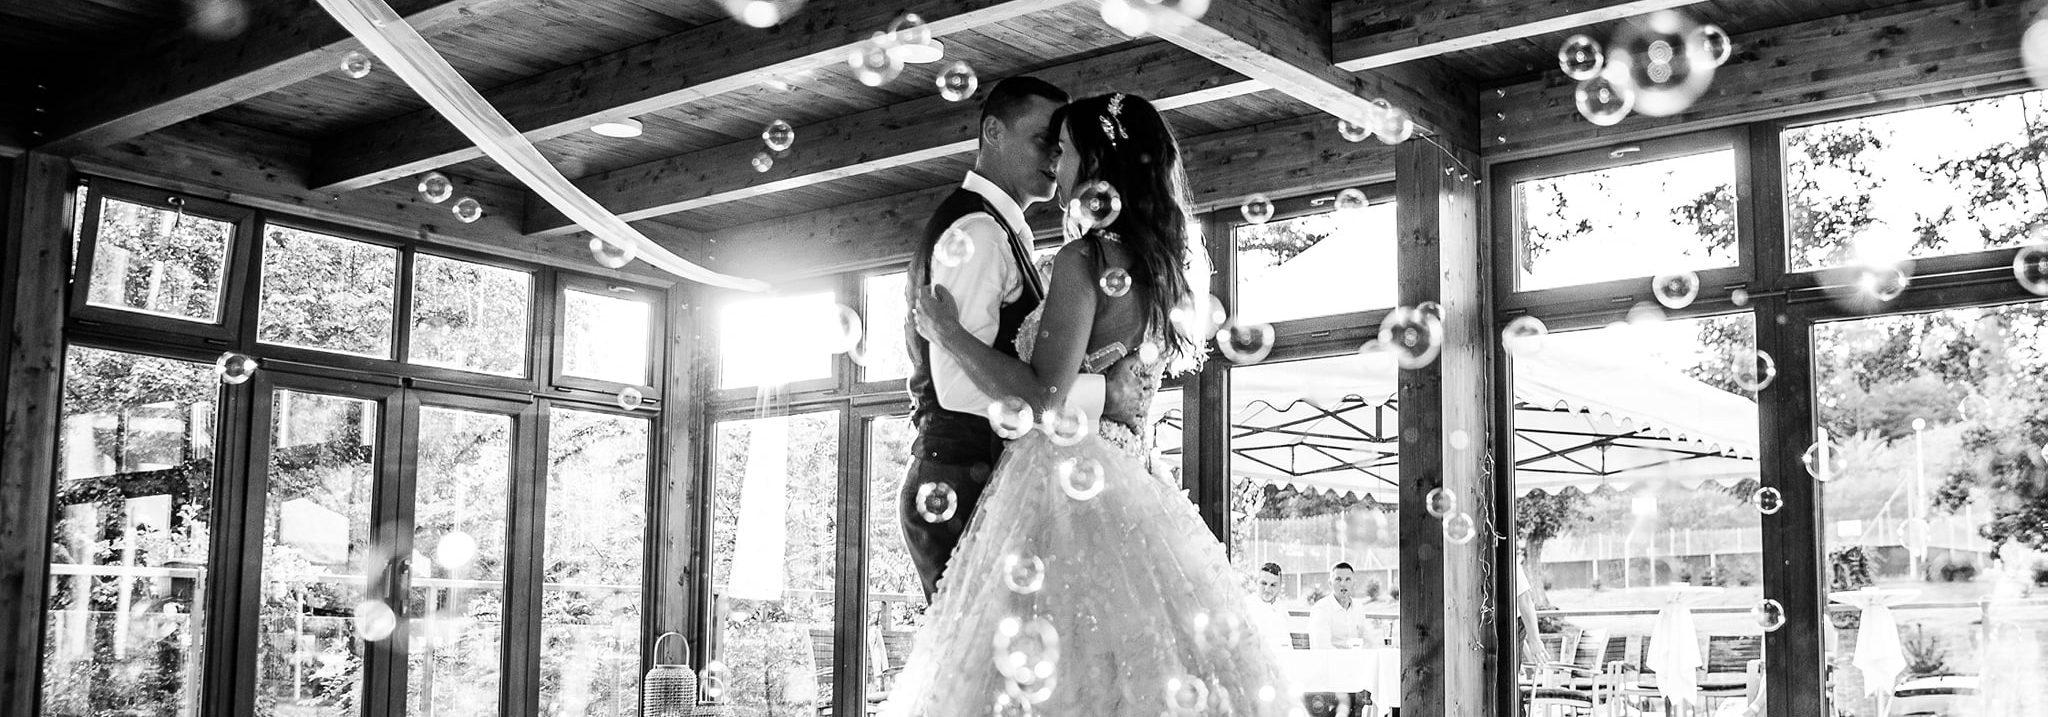 lukas duran photo- svadobný a rodinný fotograf